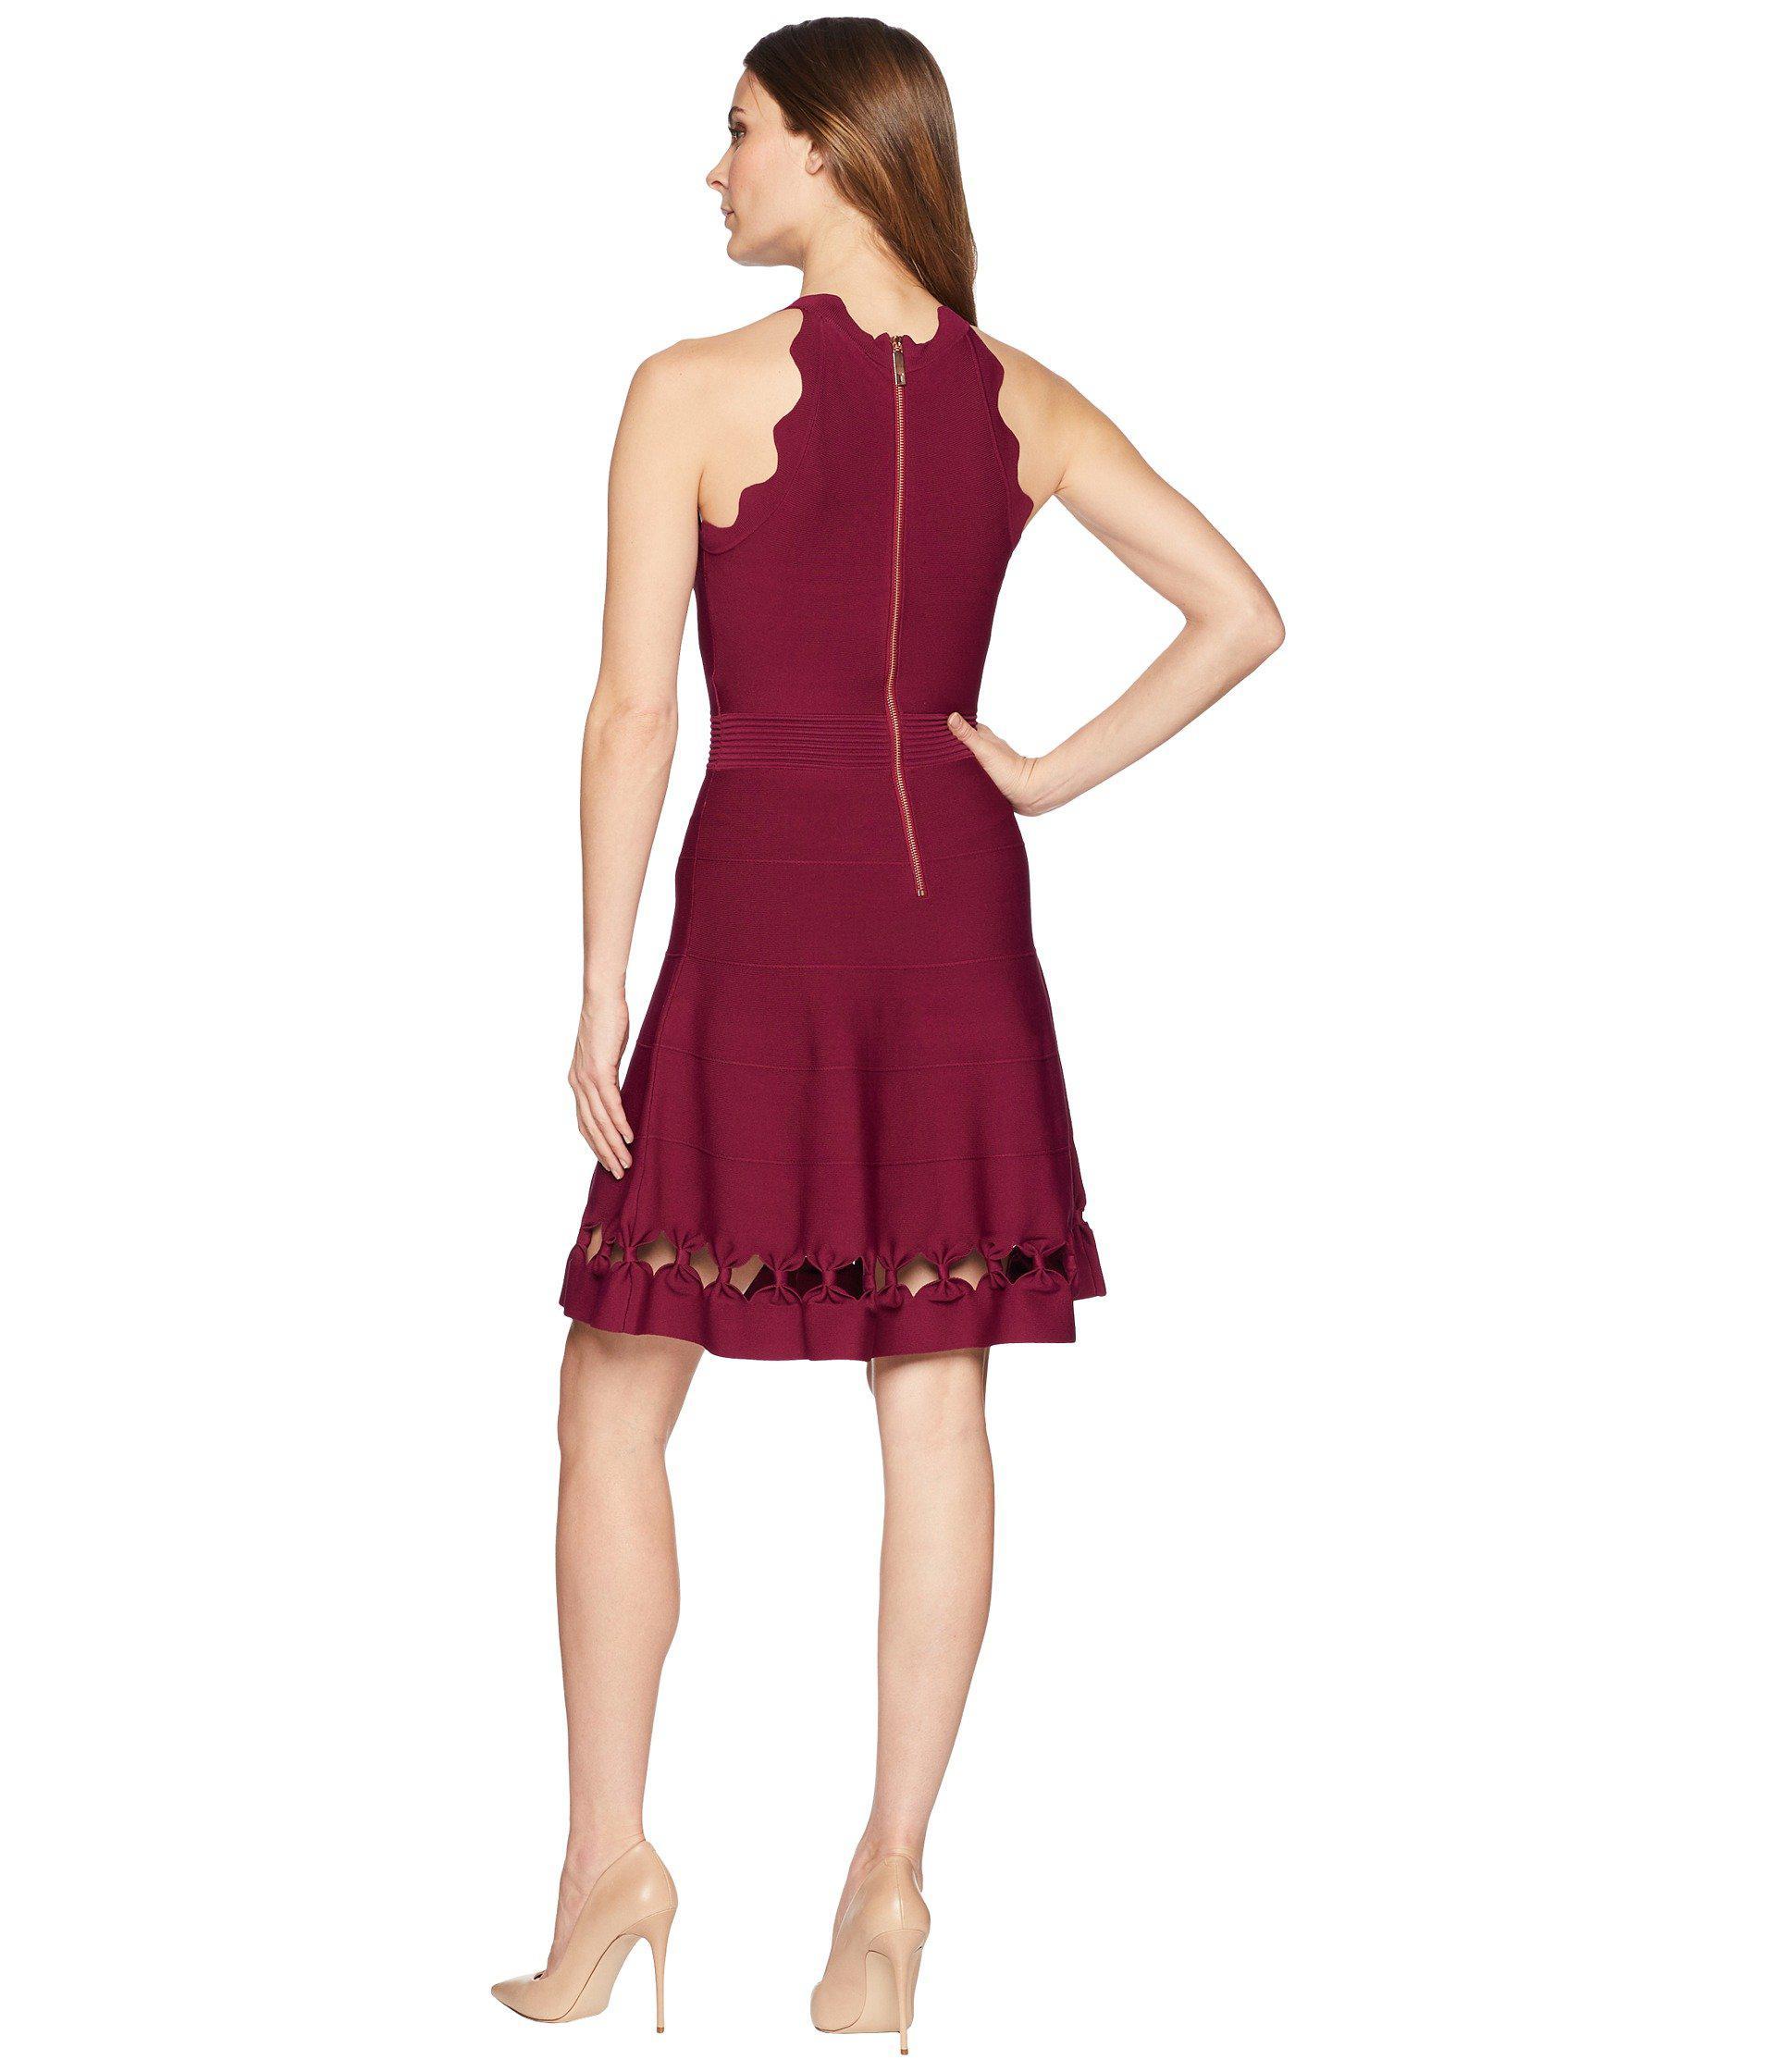 Lyst - Ted Baker Cherina Bow Detail Knitted Skater (maroon) Women s ... 7f7f8579e